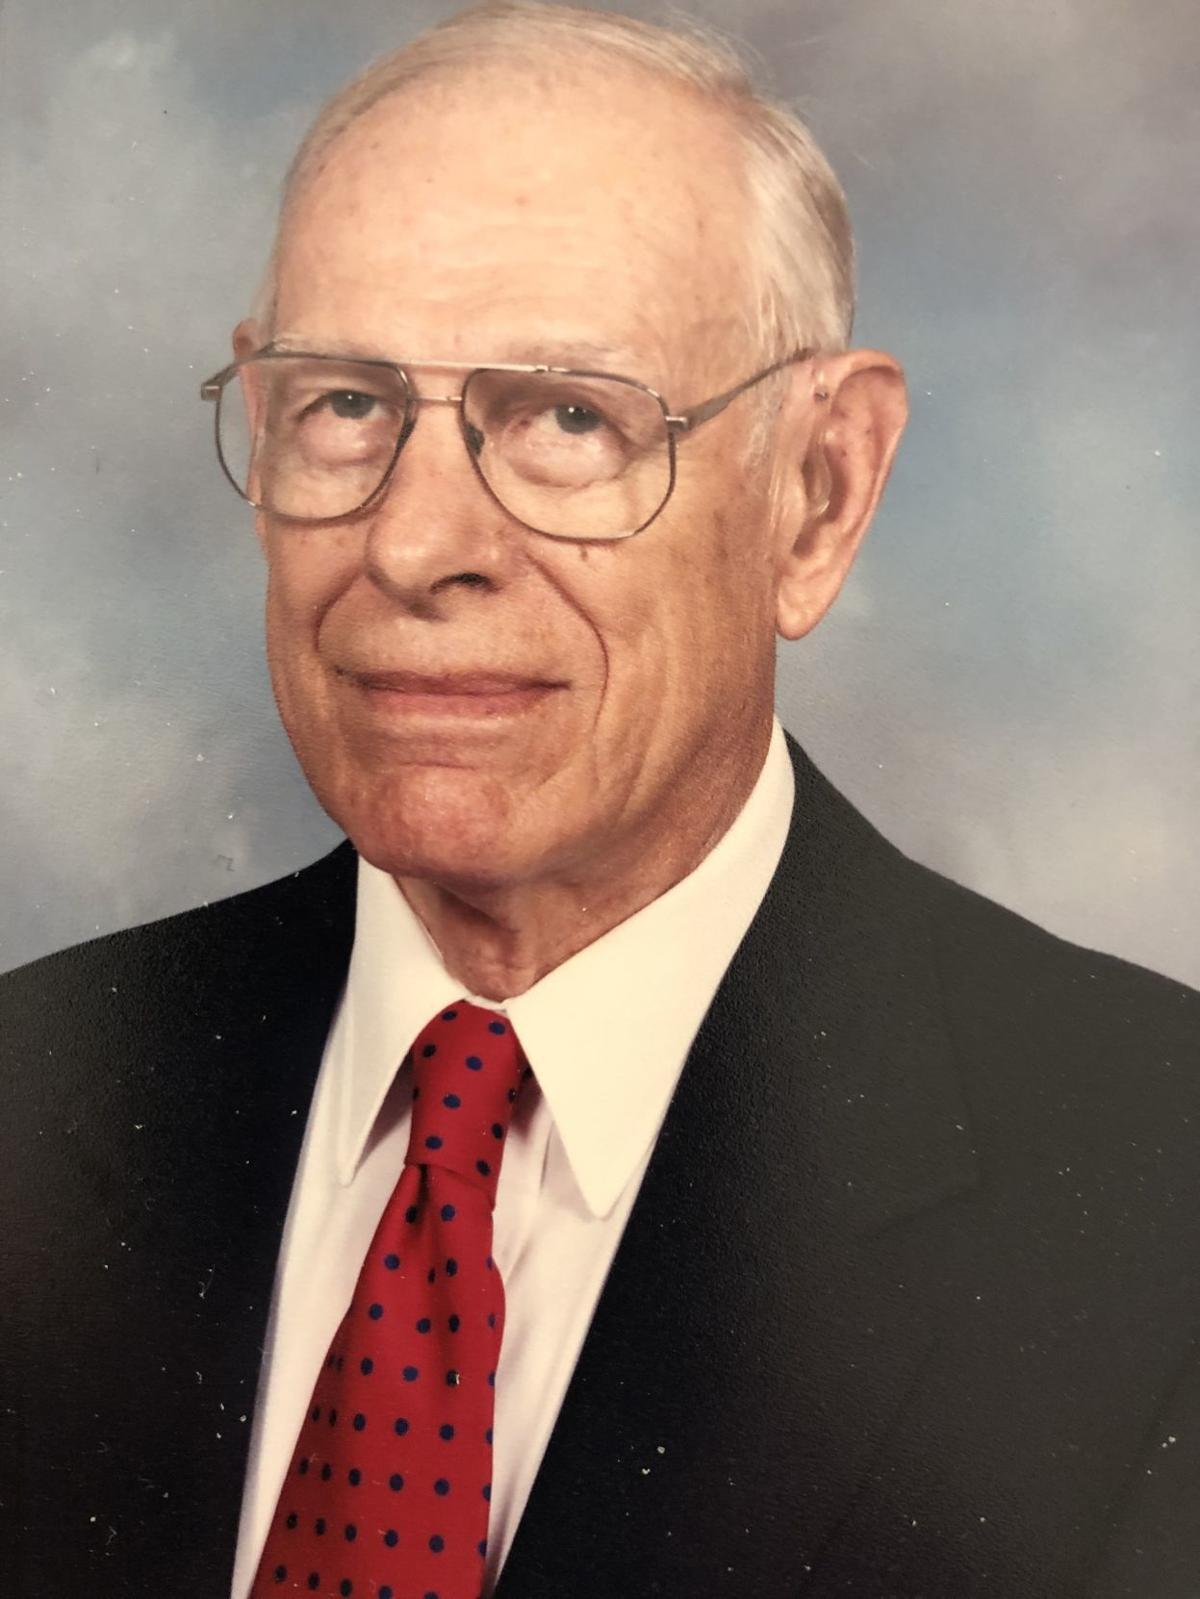 William C. Rich